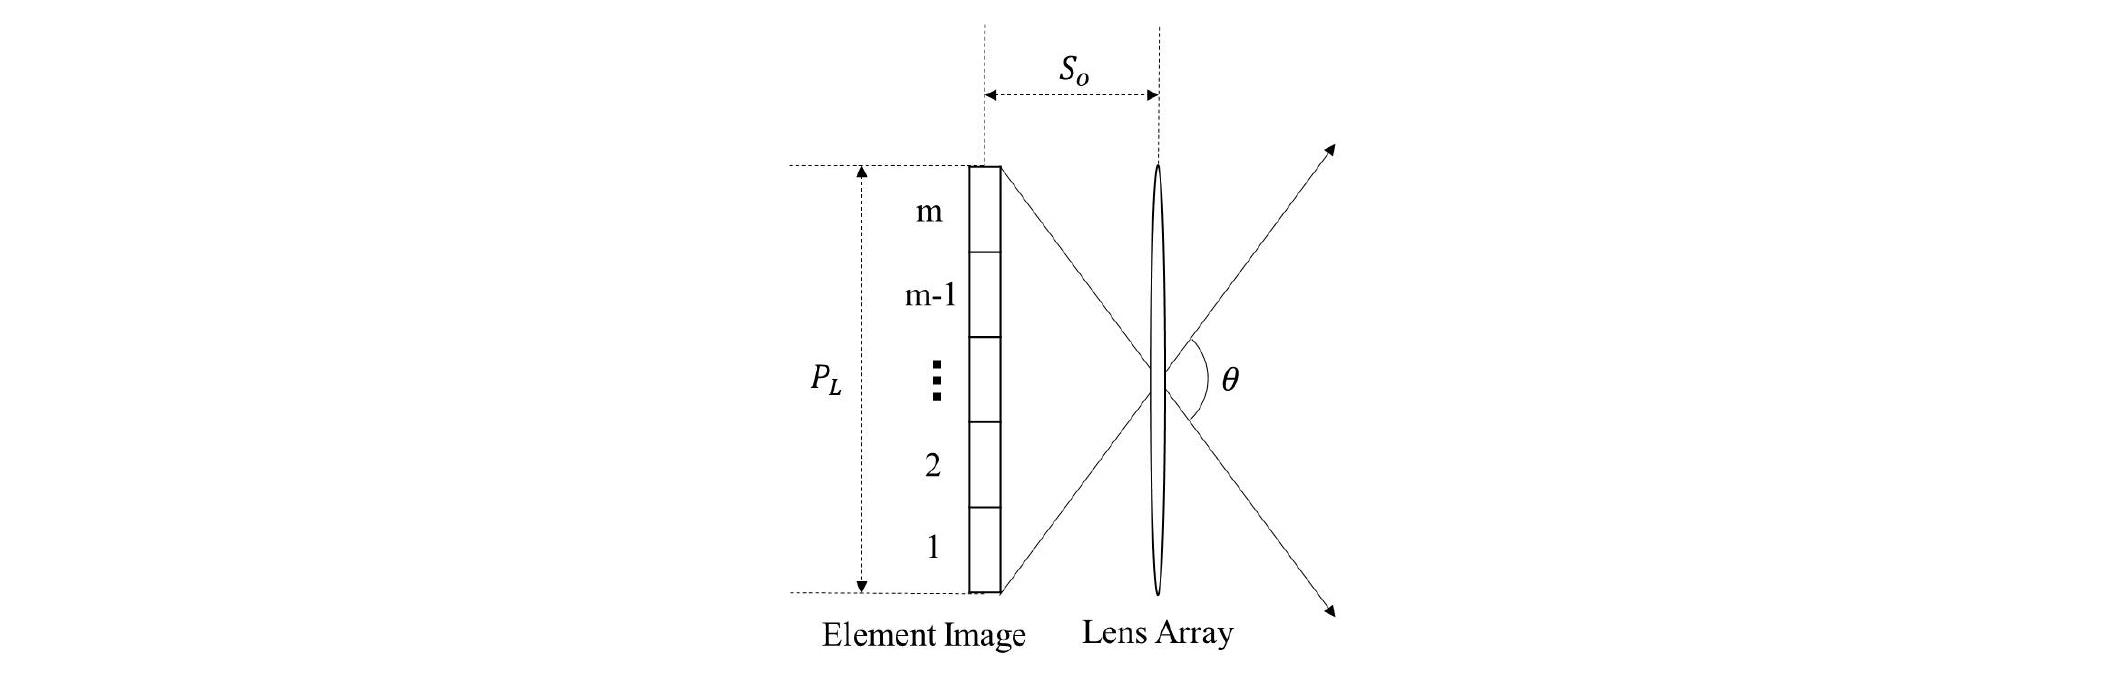 http://static.apub.kr/journalsite/sites/kjop/2019-030-03/N0140300304/images/kjop_30_03_04_F4.jpg